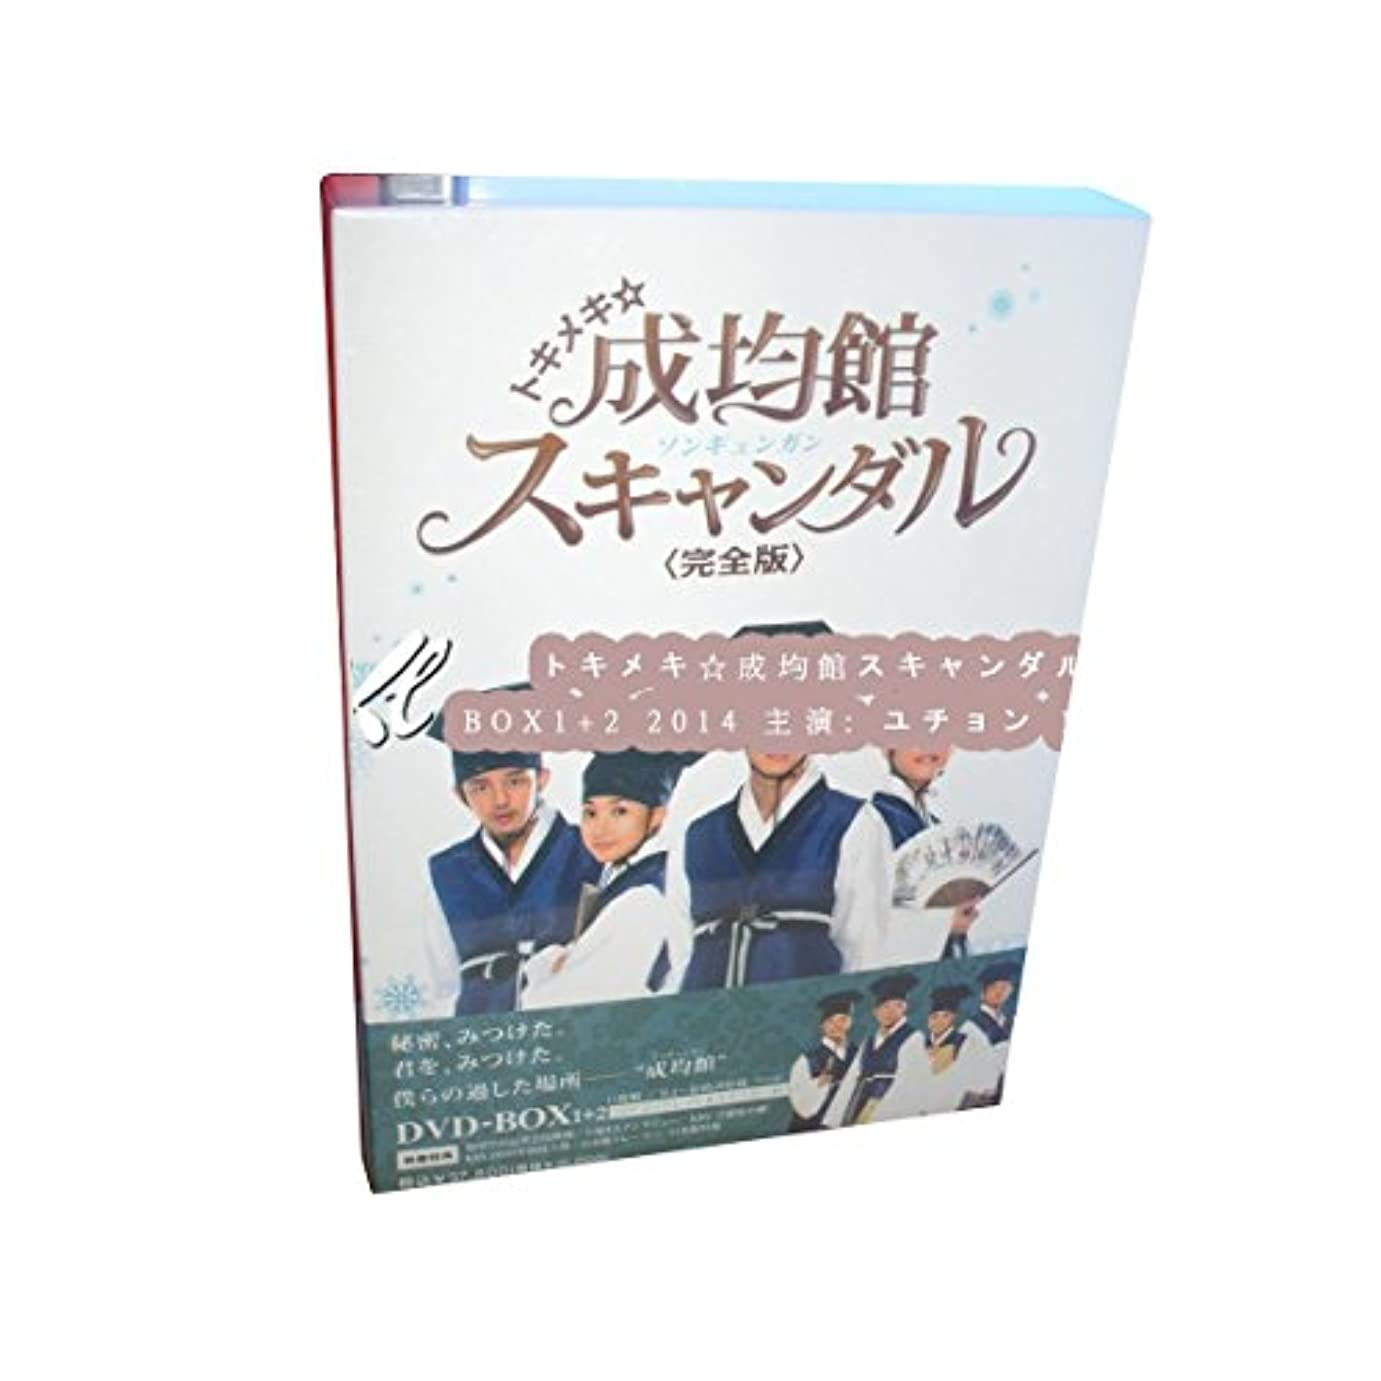 書士八百屋聴衆トキメキ☆成均館スキャンダル BOX1+2 2014 主演: ユチョン